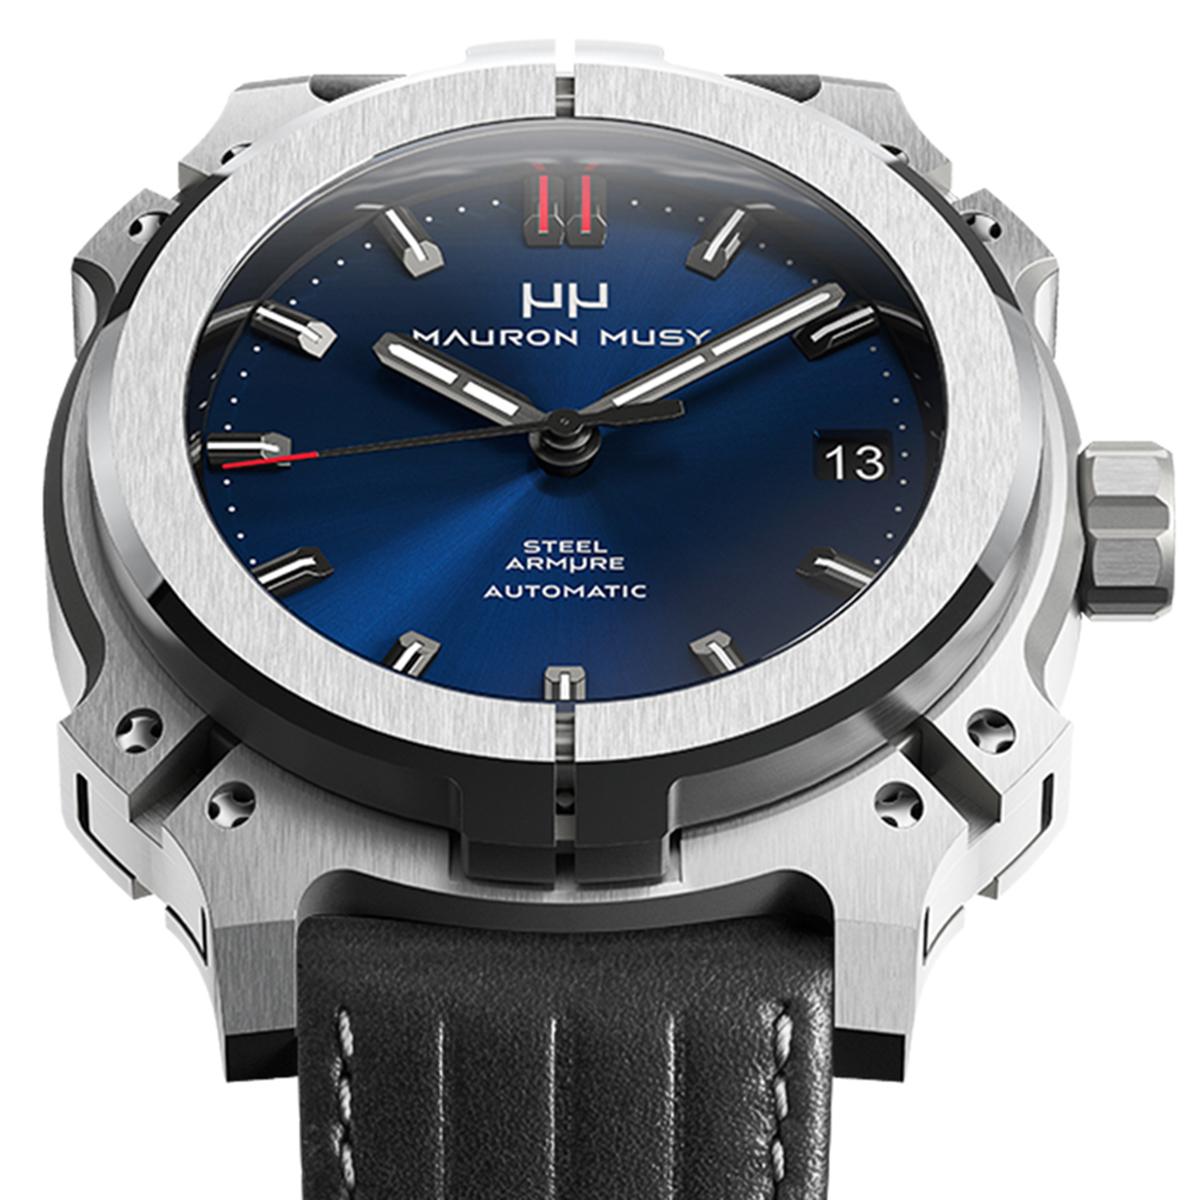 【残り1点】MAURON MUSY モーロン・ミュジー 自動巻き 腕時計 [MU01-204-BlackLeather]  デイト